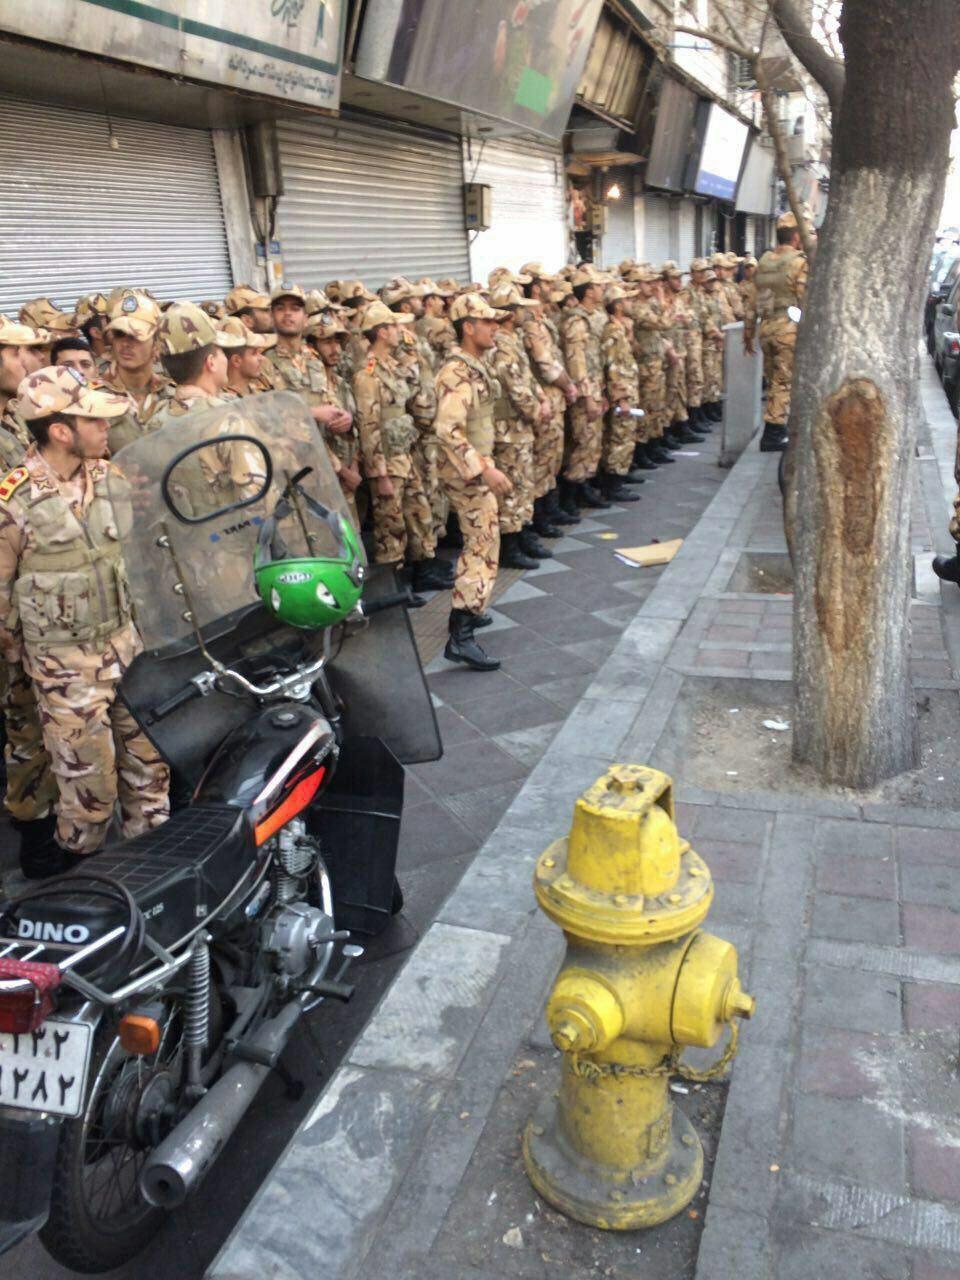 حضور یگانهای نیروی زمینی ارتش برای کمک به حادثهدیدگان آتشسوزی پلاسکو